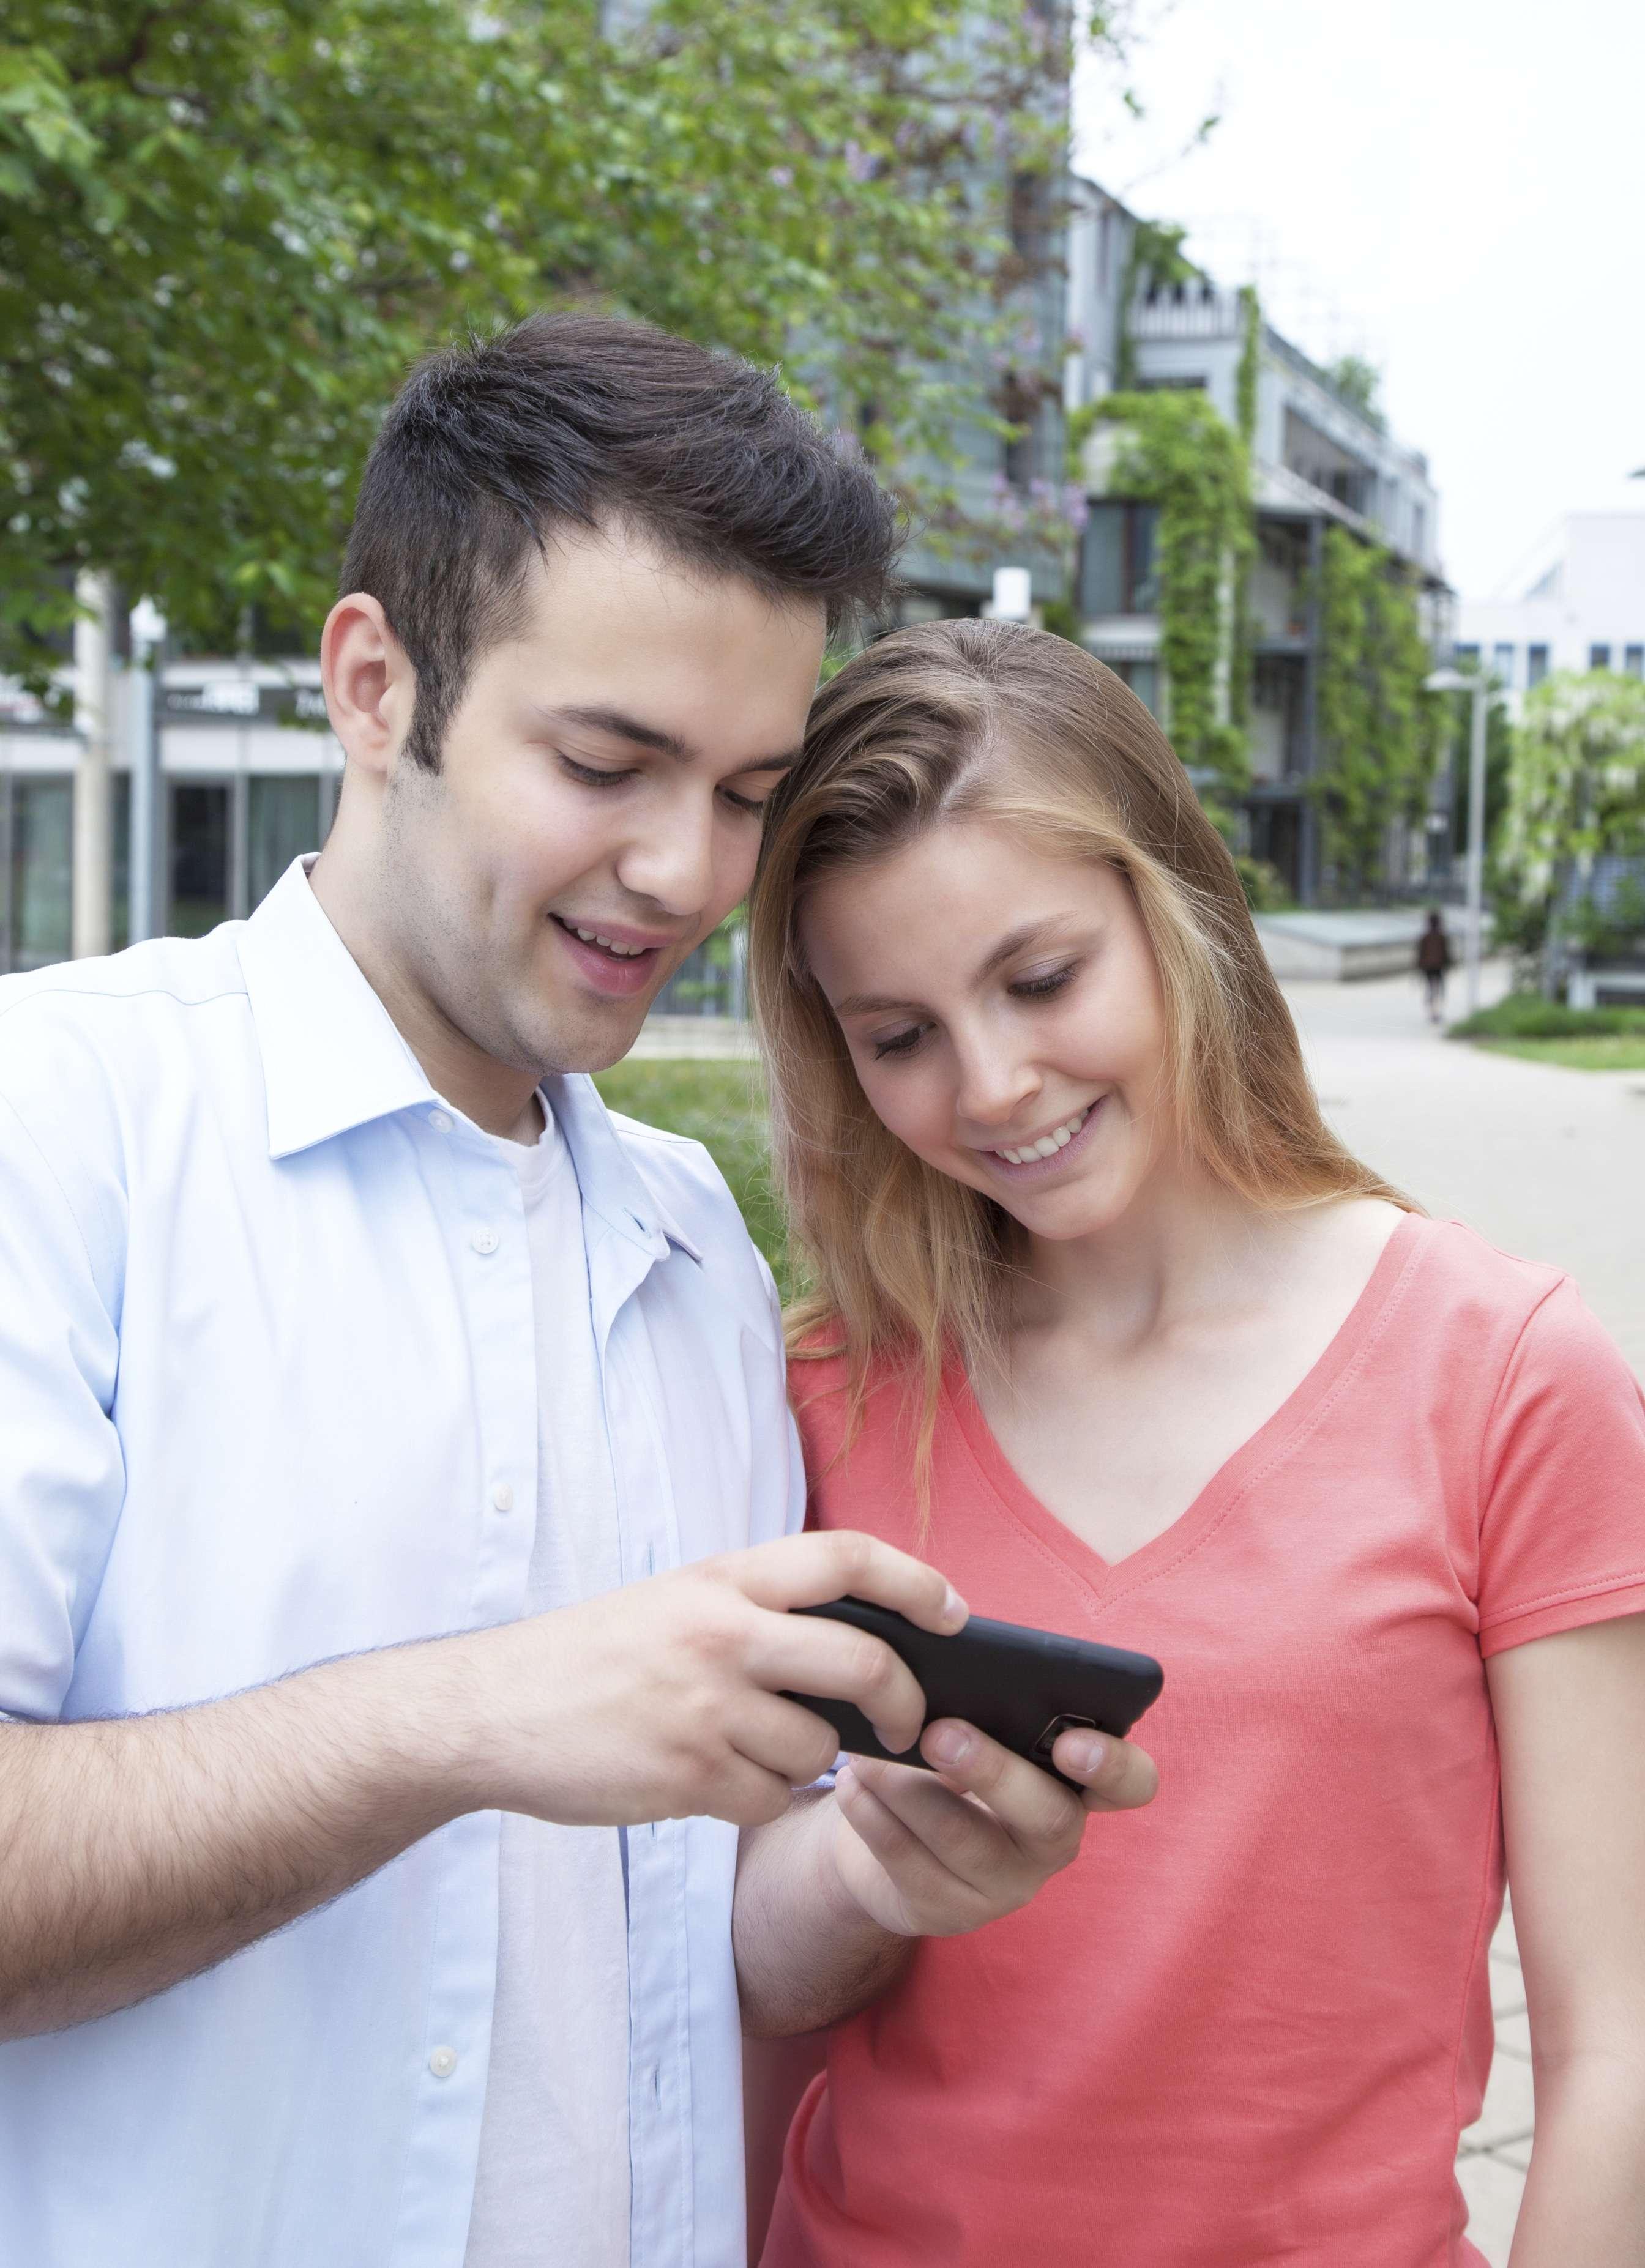 Dime cómo usas Facebook con tu pareja y te diré cómo eres